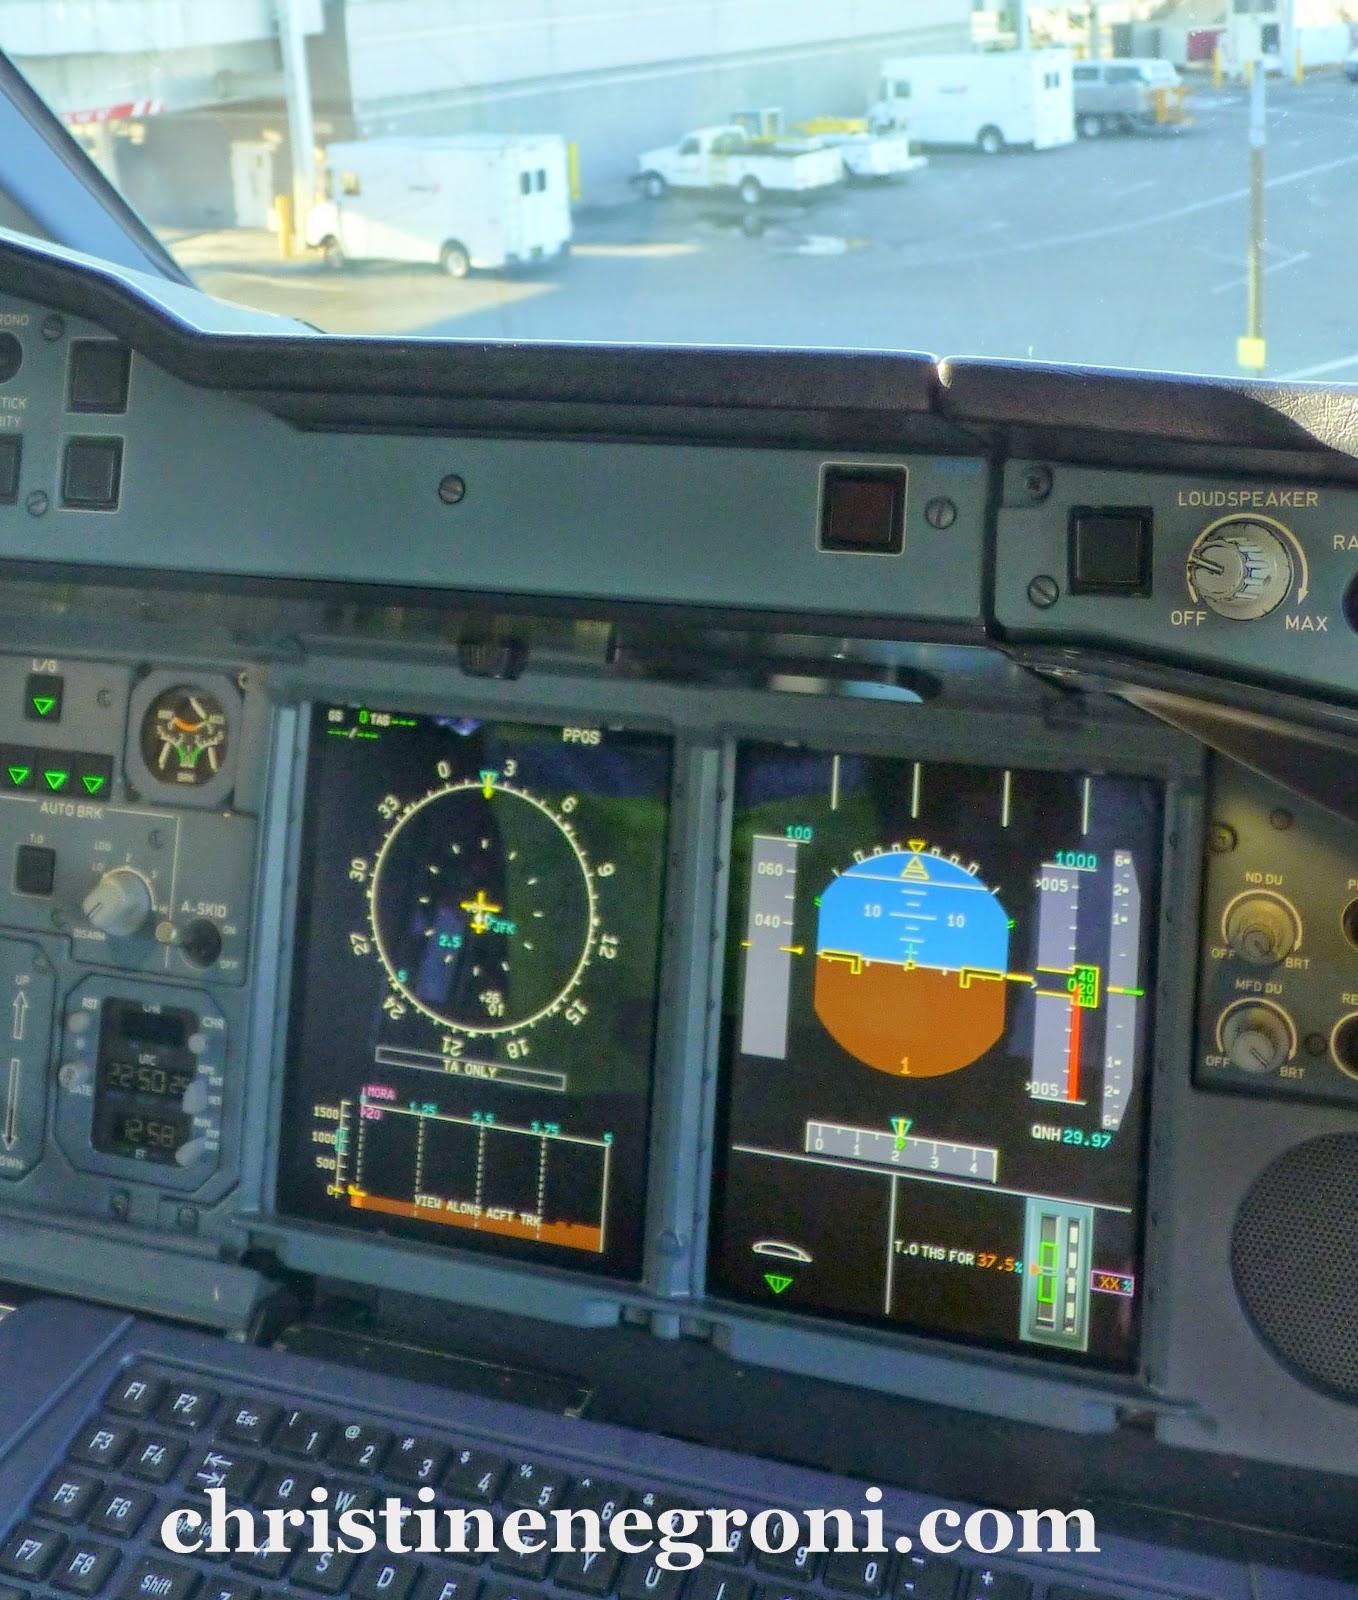 A380%2Bcockpit%2Bemirates%2Bat%2BJFK.JPG